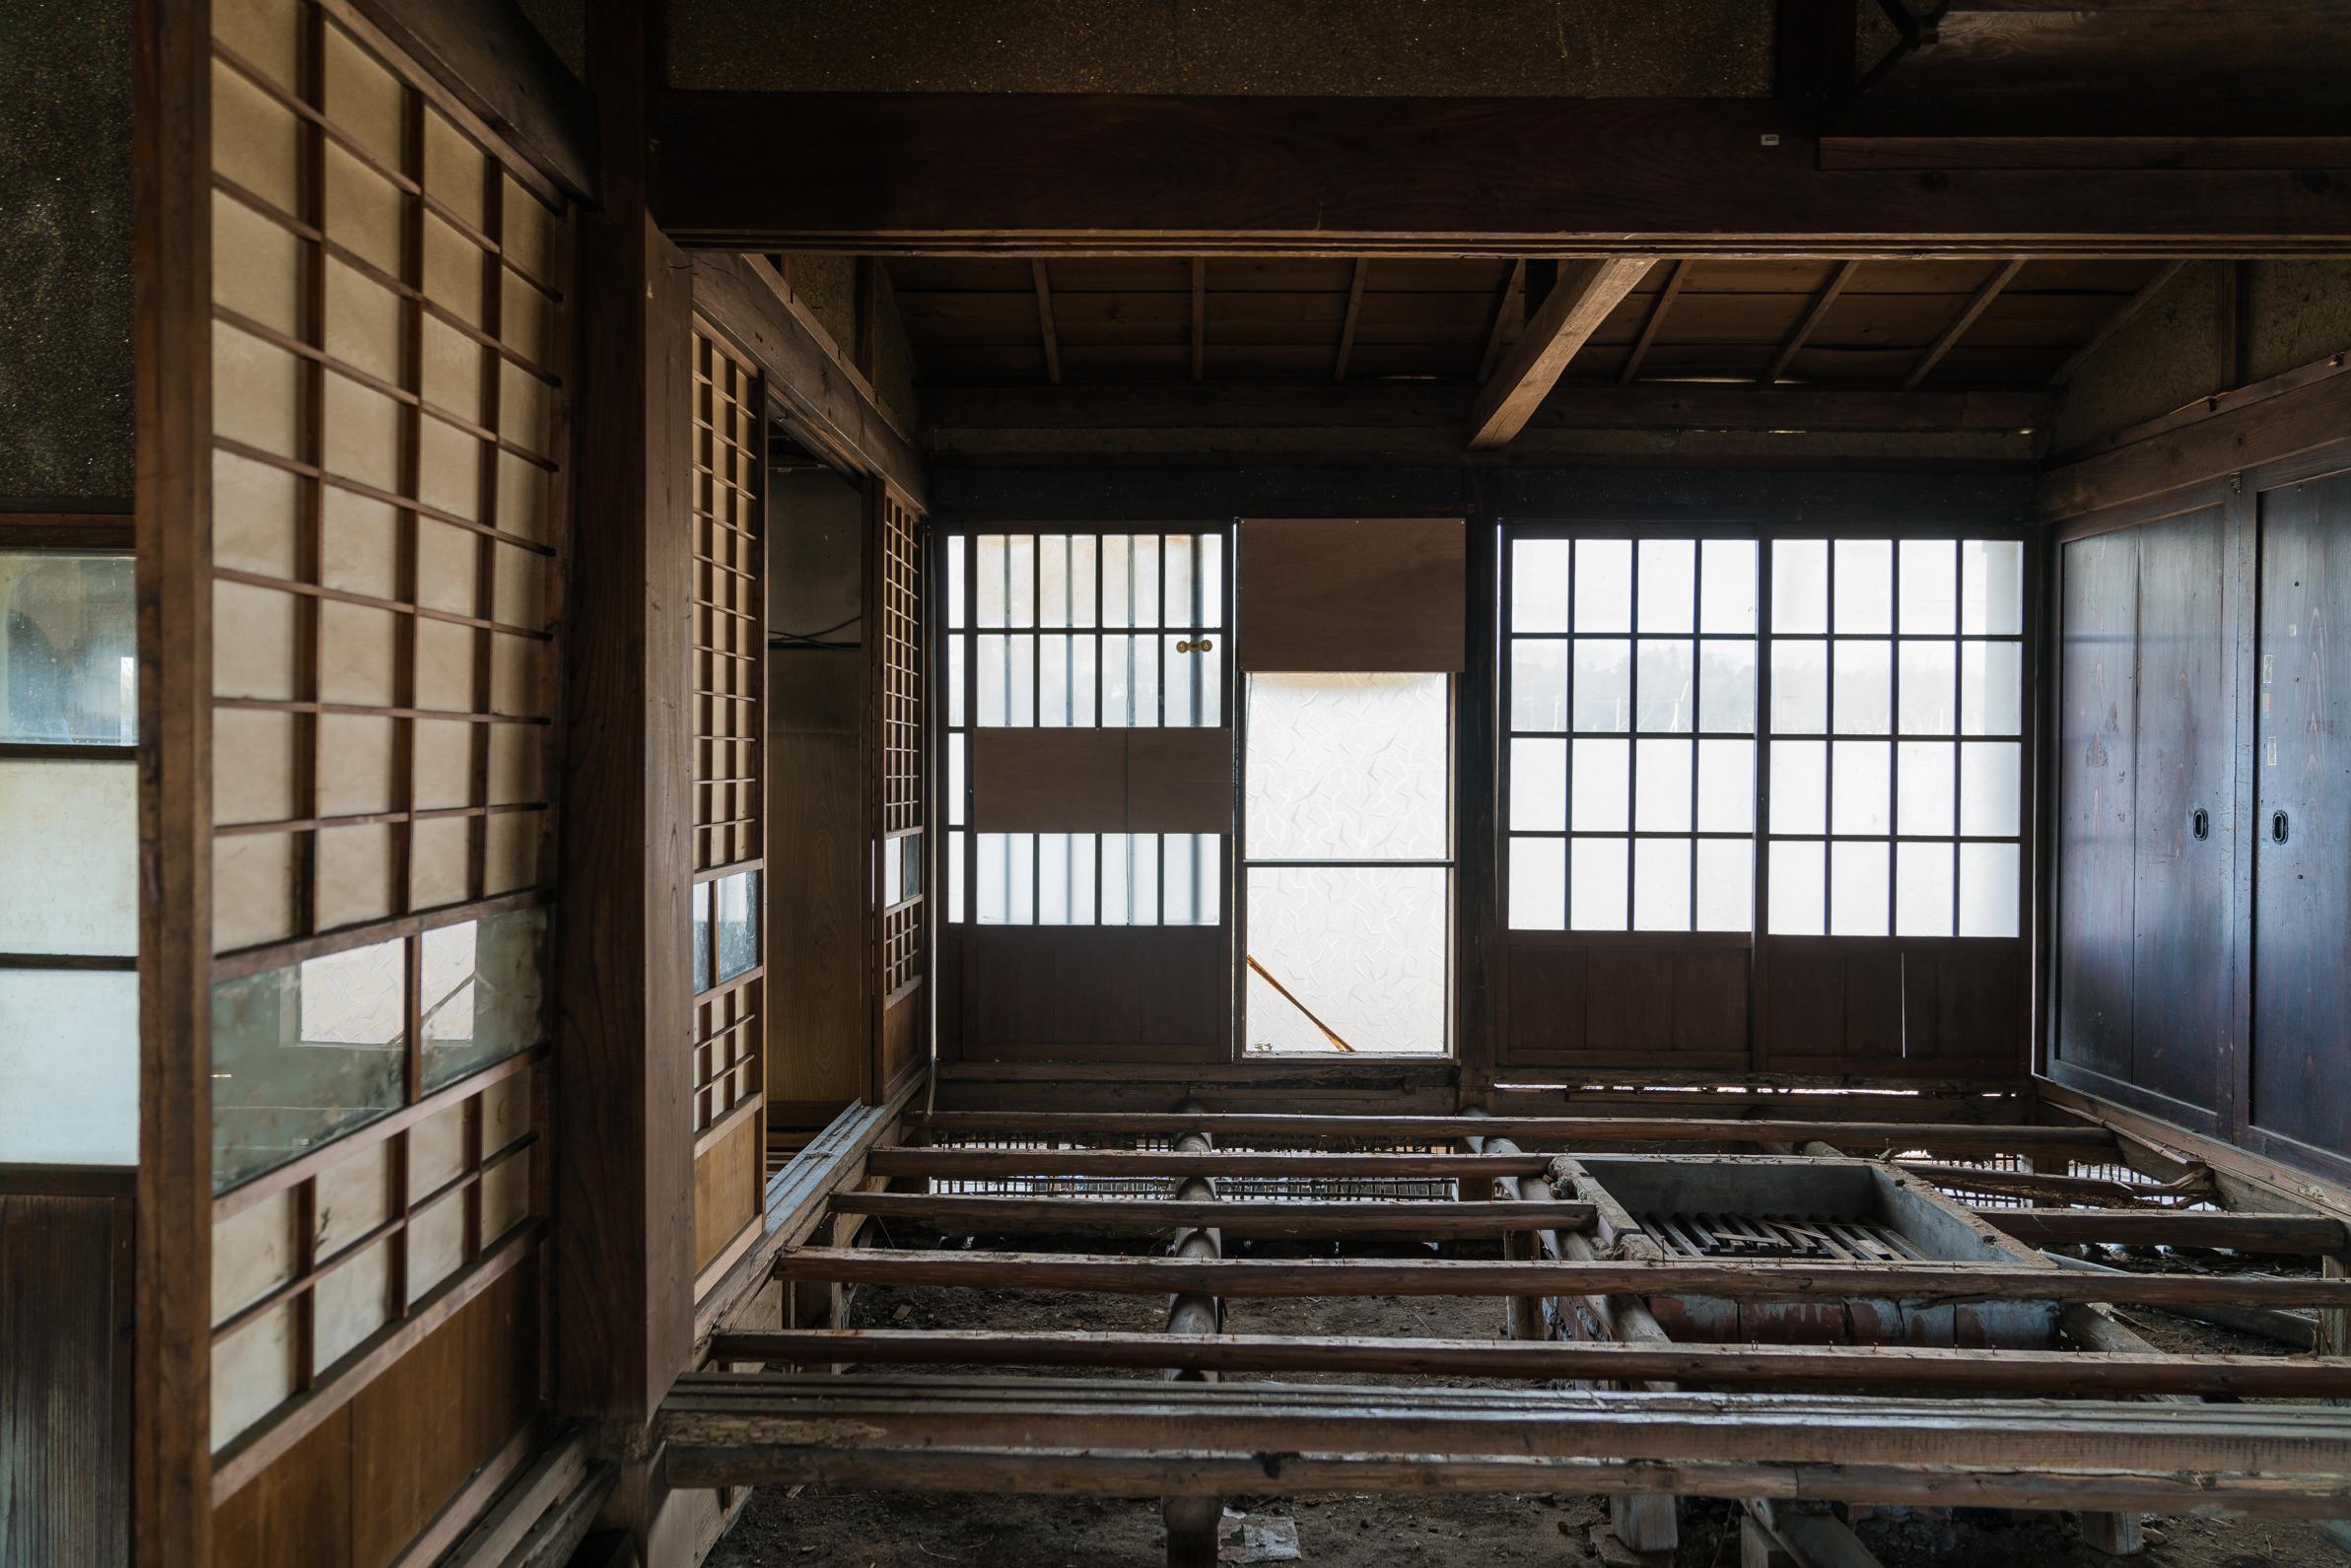 2018.02.05藤沢ココロまち診療所解体後-2.jpg